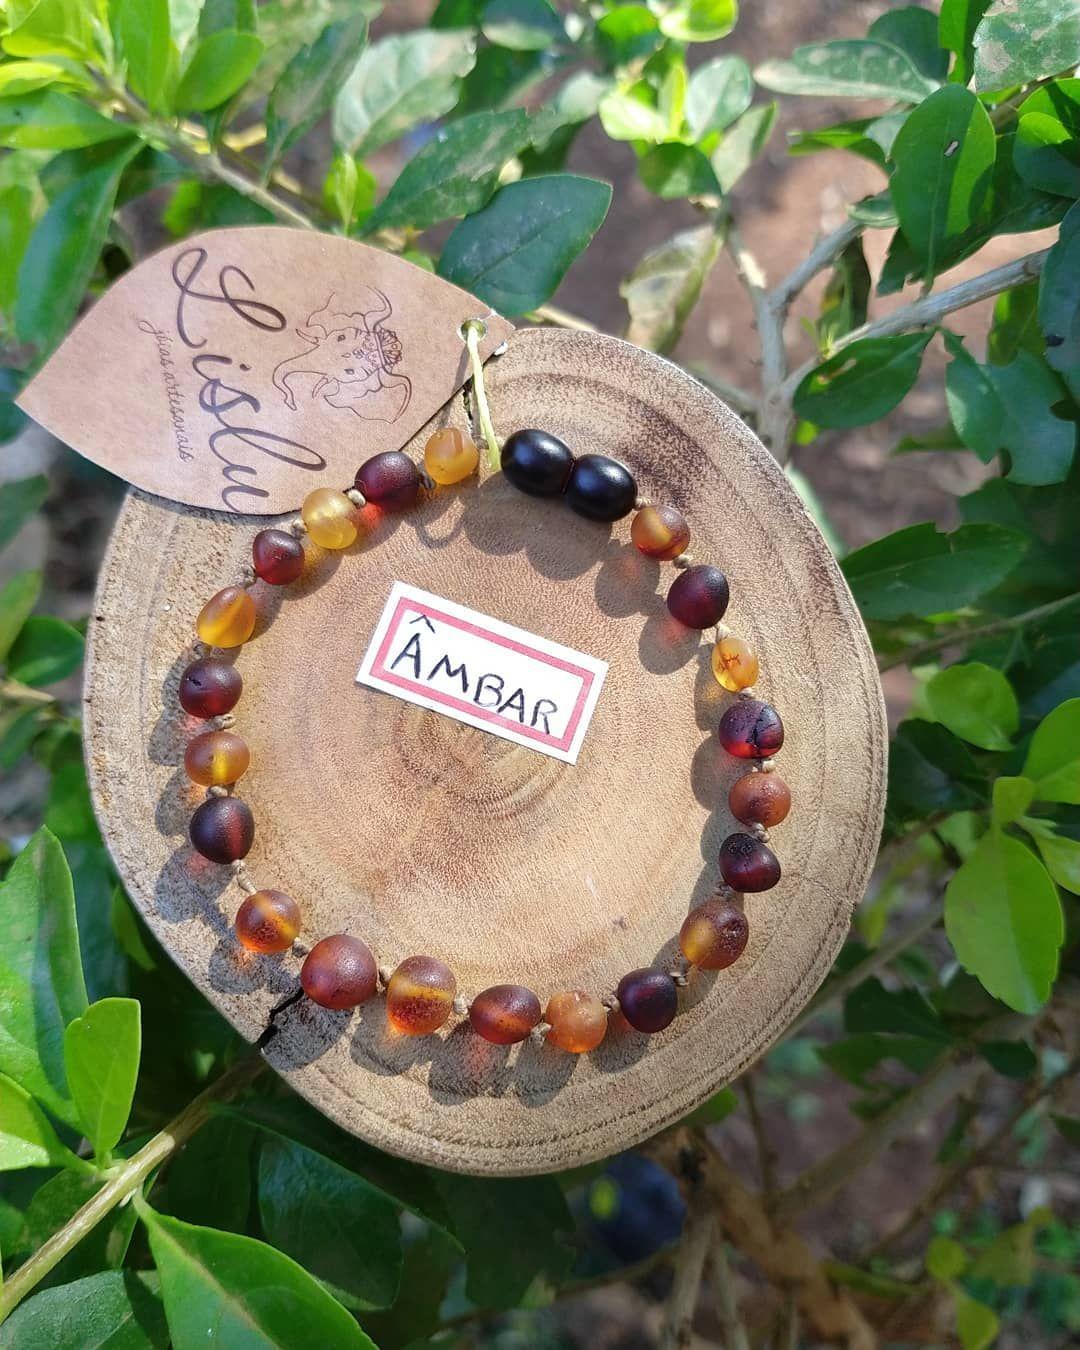 #ambar #jewelry #designerjewelry #saude #bemestar #qualidadedevida #harmonia #natureza #blessed #desenvolvimentopessoal #artesanal #feitopormim #compredequemfaz #comamor #naturelovers #sejaluz